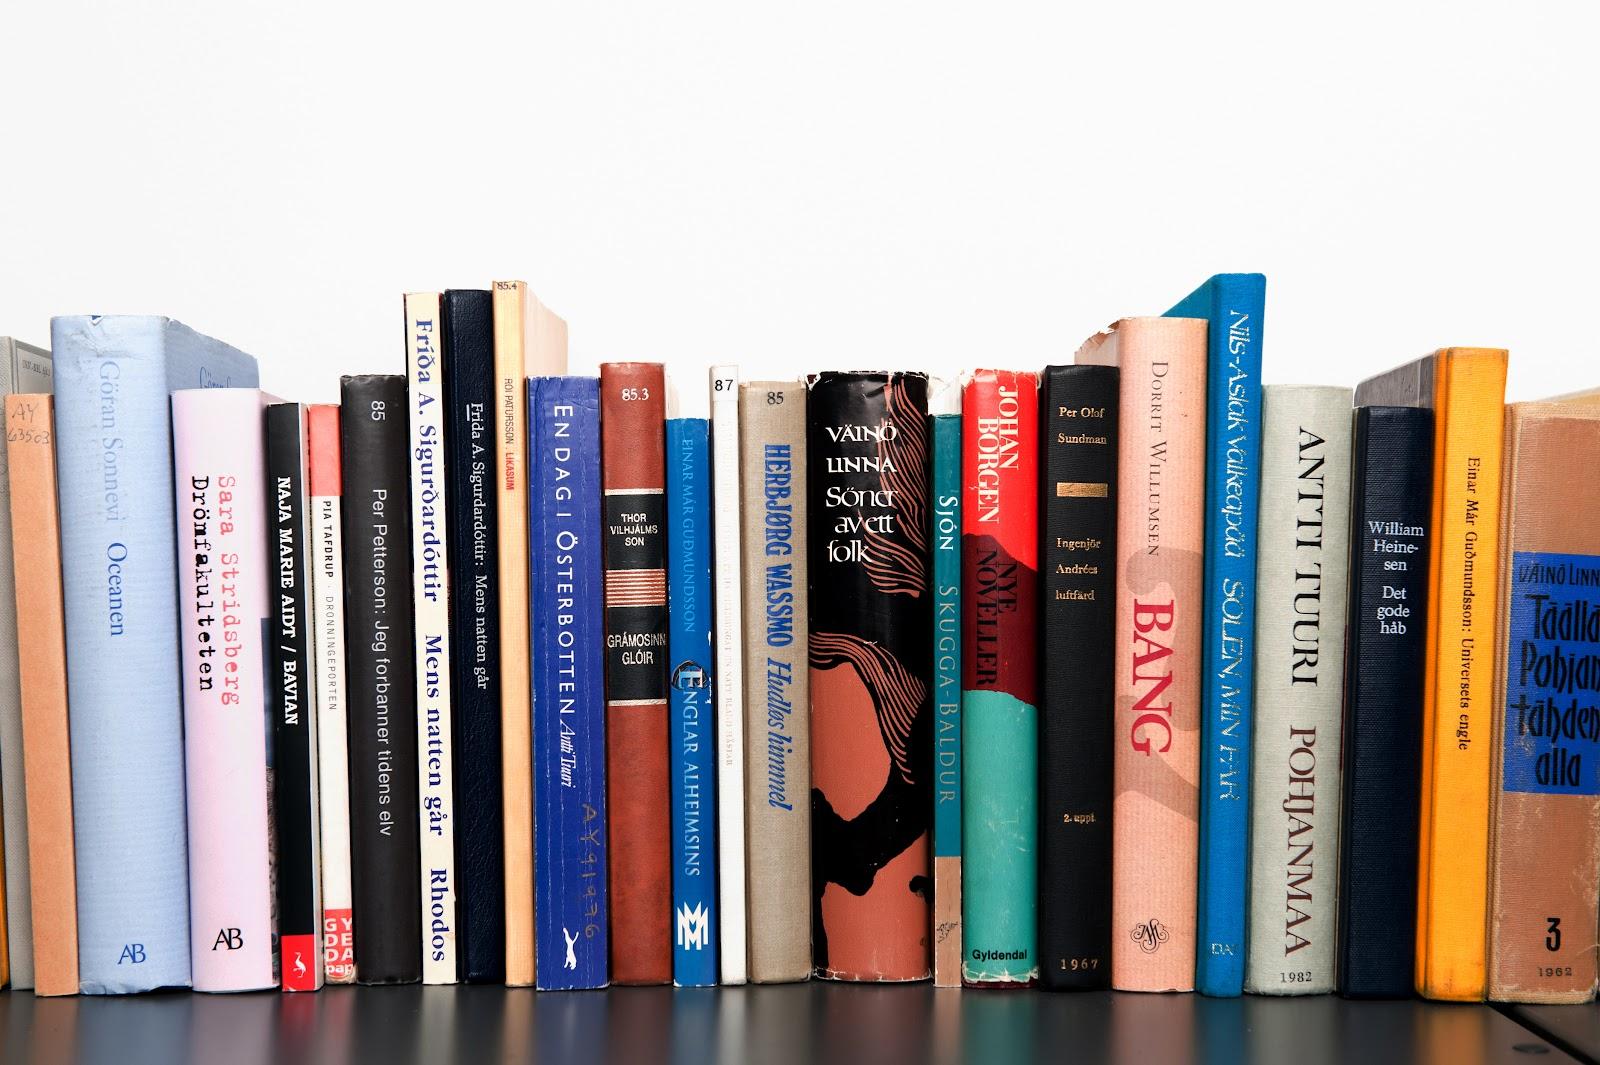 https://upload.wikimedia.org/wikipedia/commons/7/76/Urval_av_de_bocker_som_har_vunnit_Nordiska_radets_litteraturpris_under_de_50_ar_som_priset_funnits_%282%29.jpg